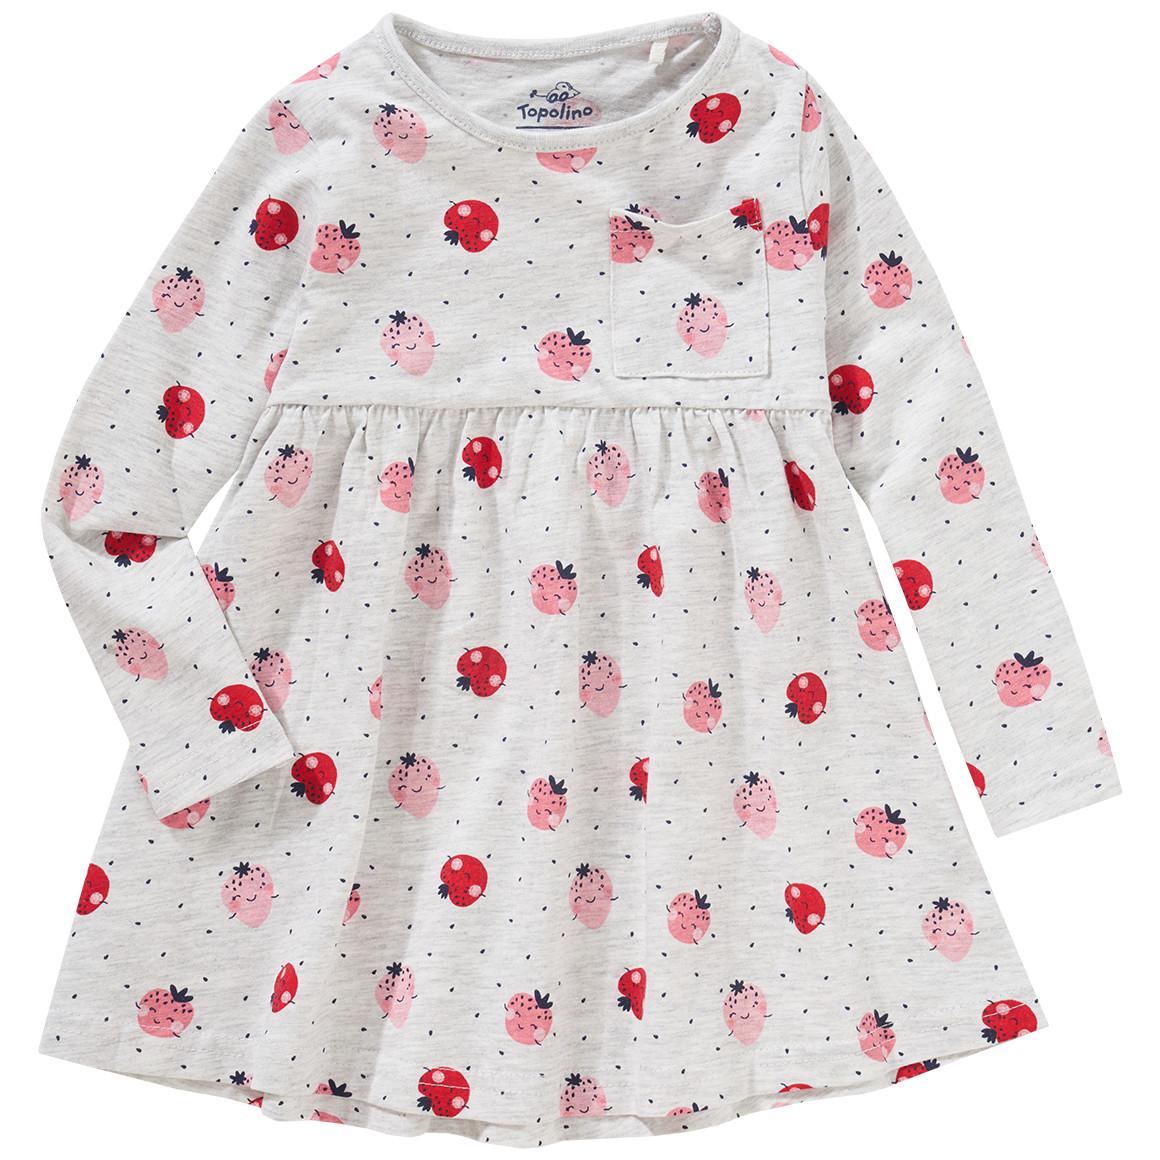 Minigirloberteile - Mädchen Langarmshirt mit ausgestelltem Hänger - Onlineshop Ernstings family